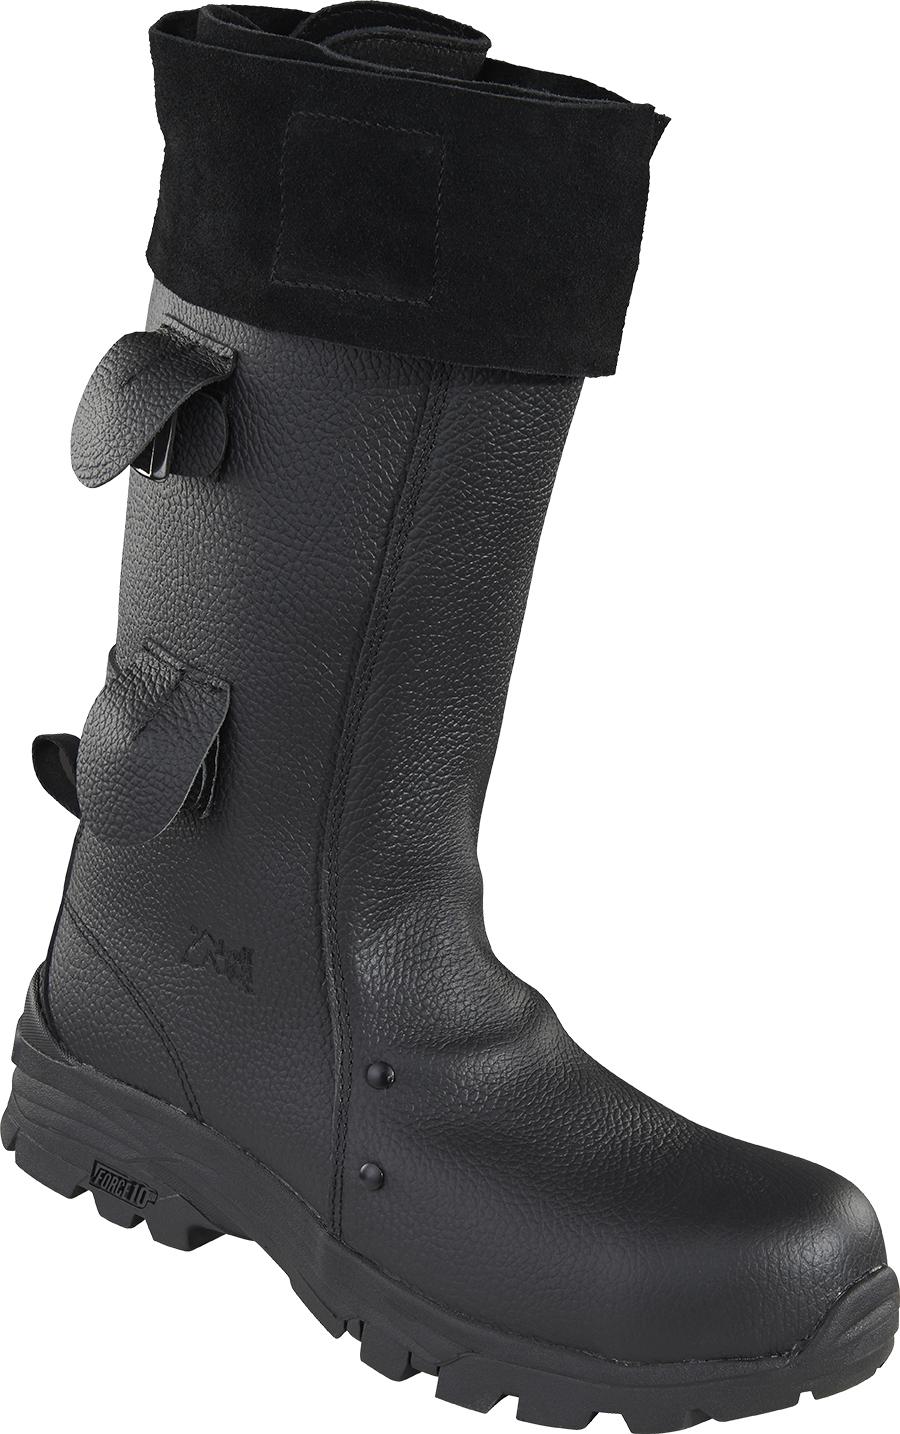 7db0cf2a5eb Rock Fall Vulcan High Leg Foundry boots